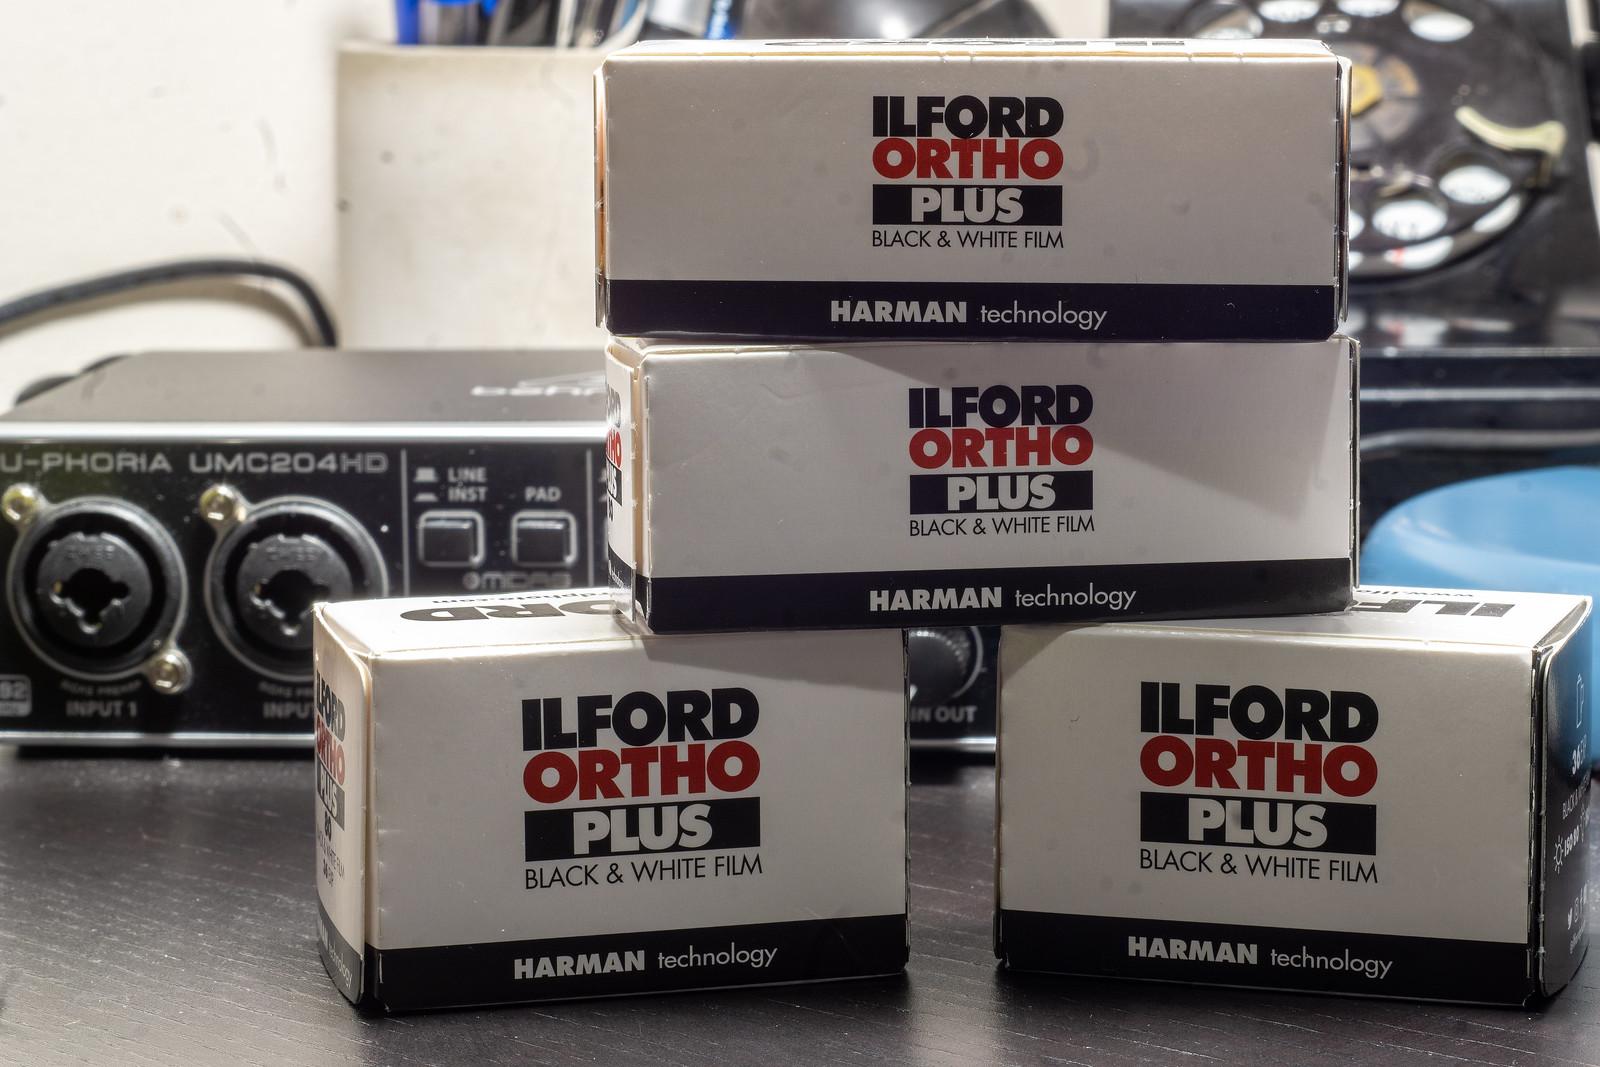 Film Review Blog No. 61 - Ilford Ortho Plus